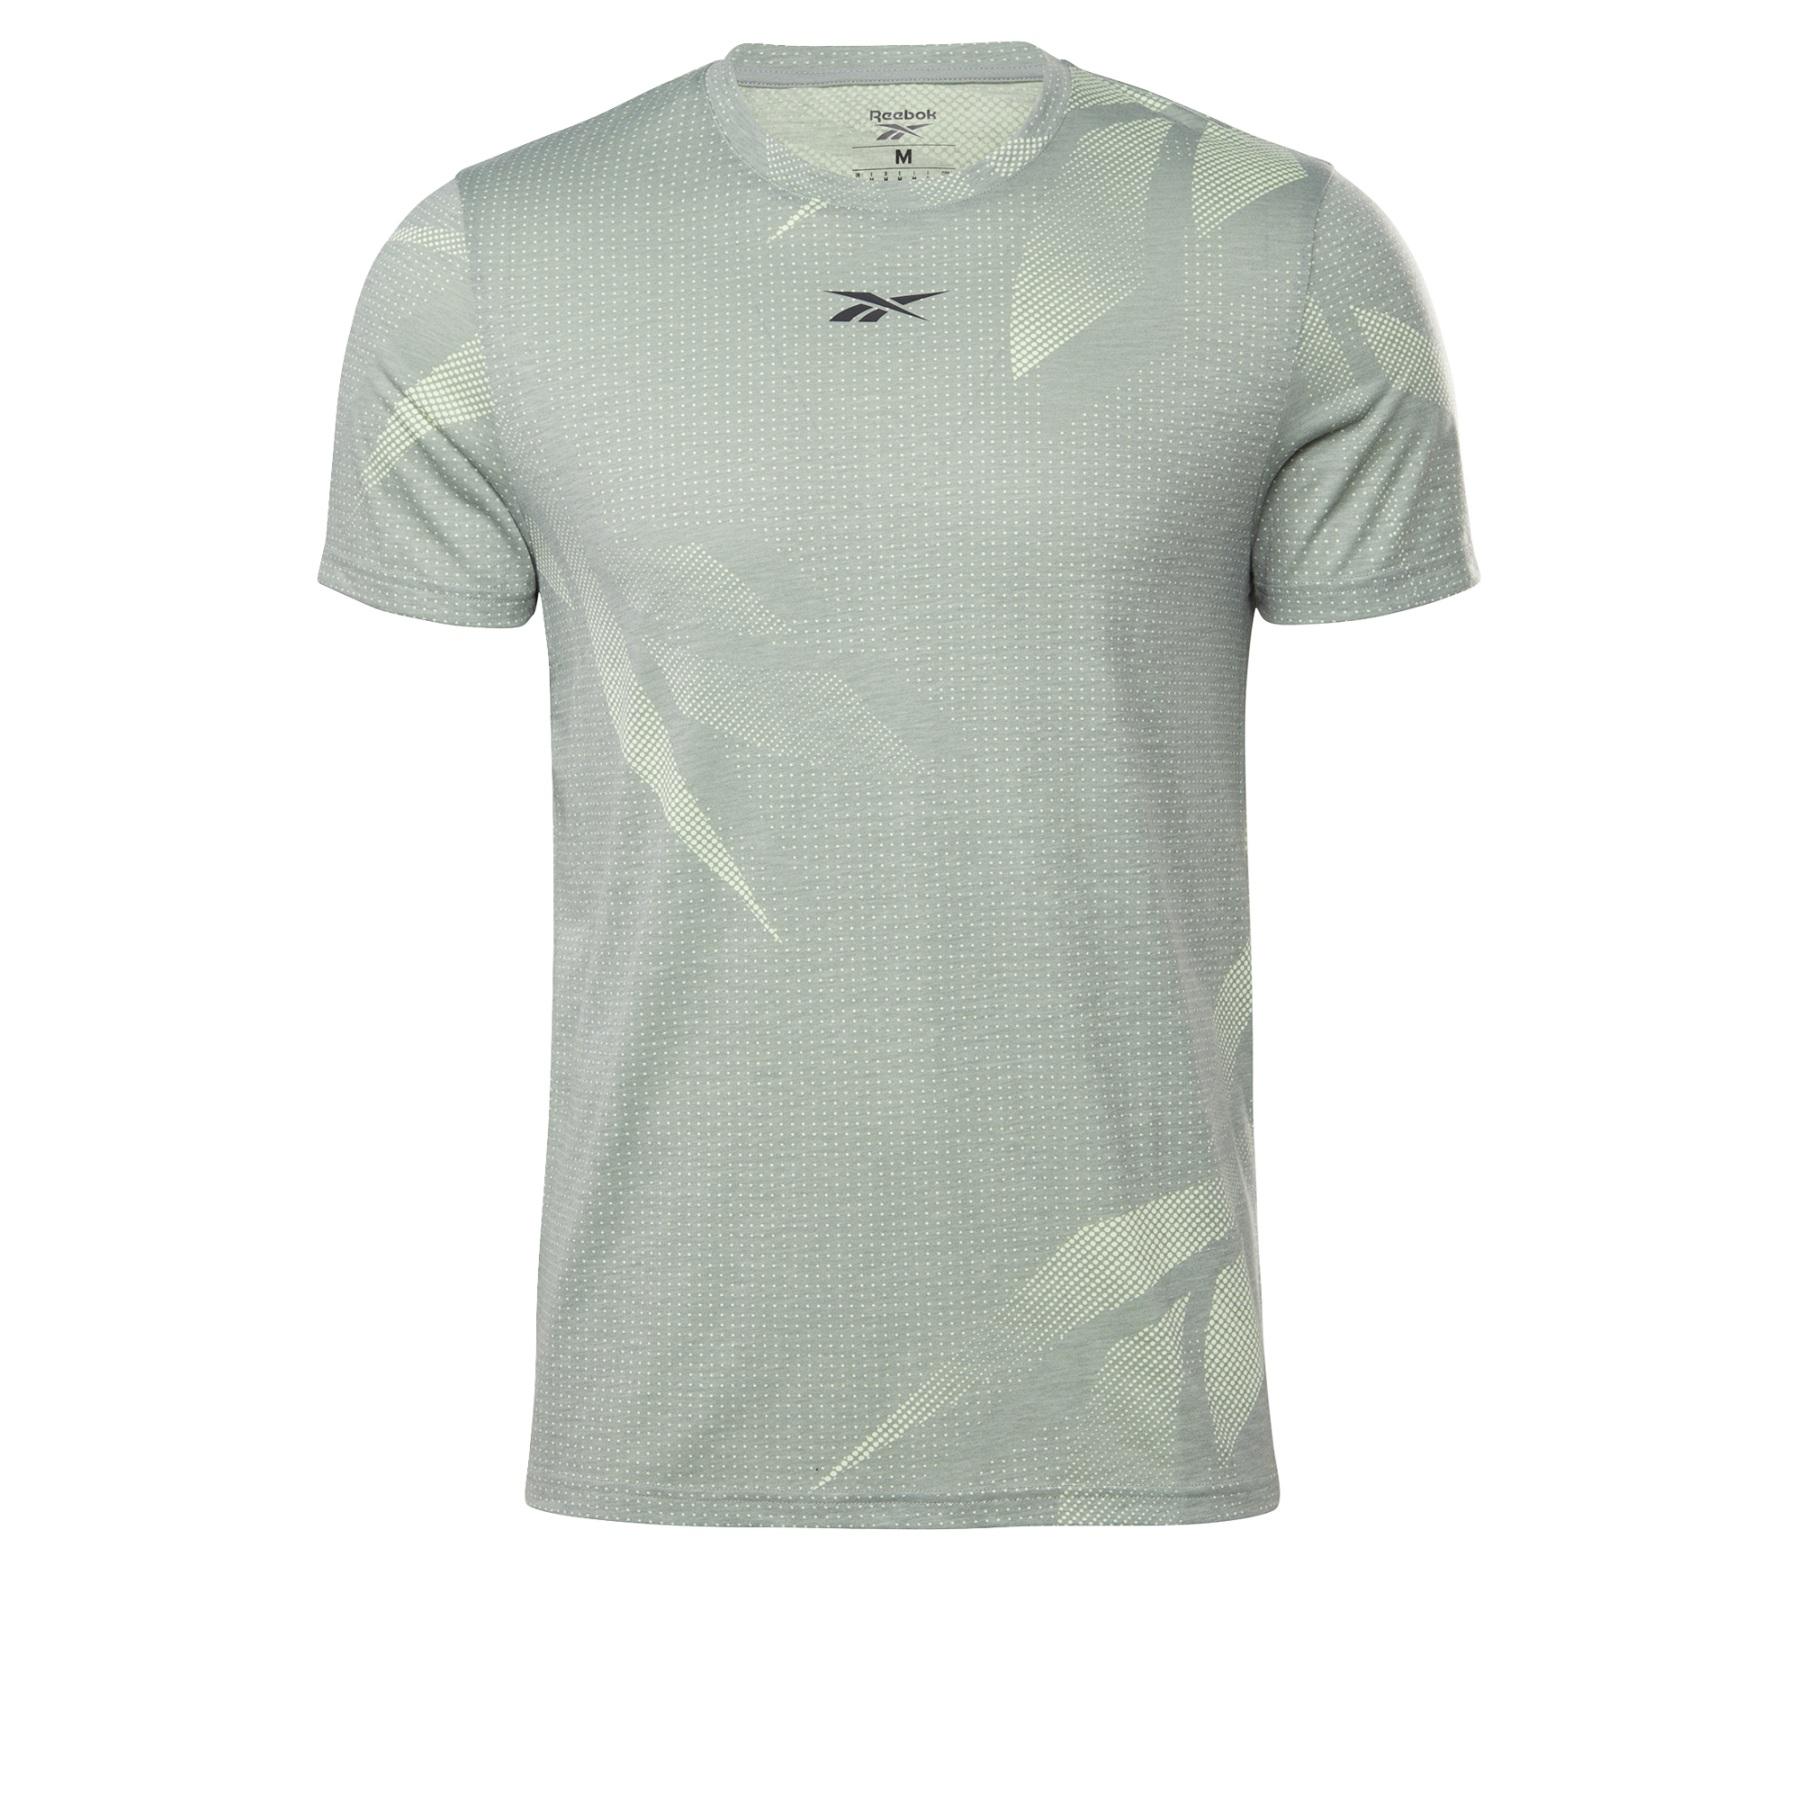 Foto de Reebok Workout Ready Allover Print Camiseta - harmony grey GJ0660